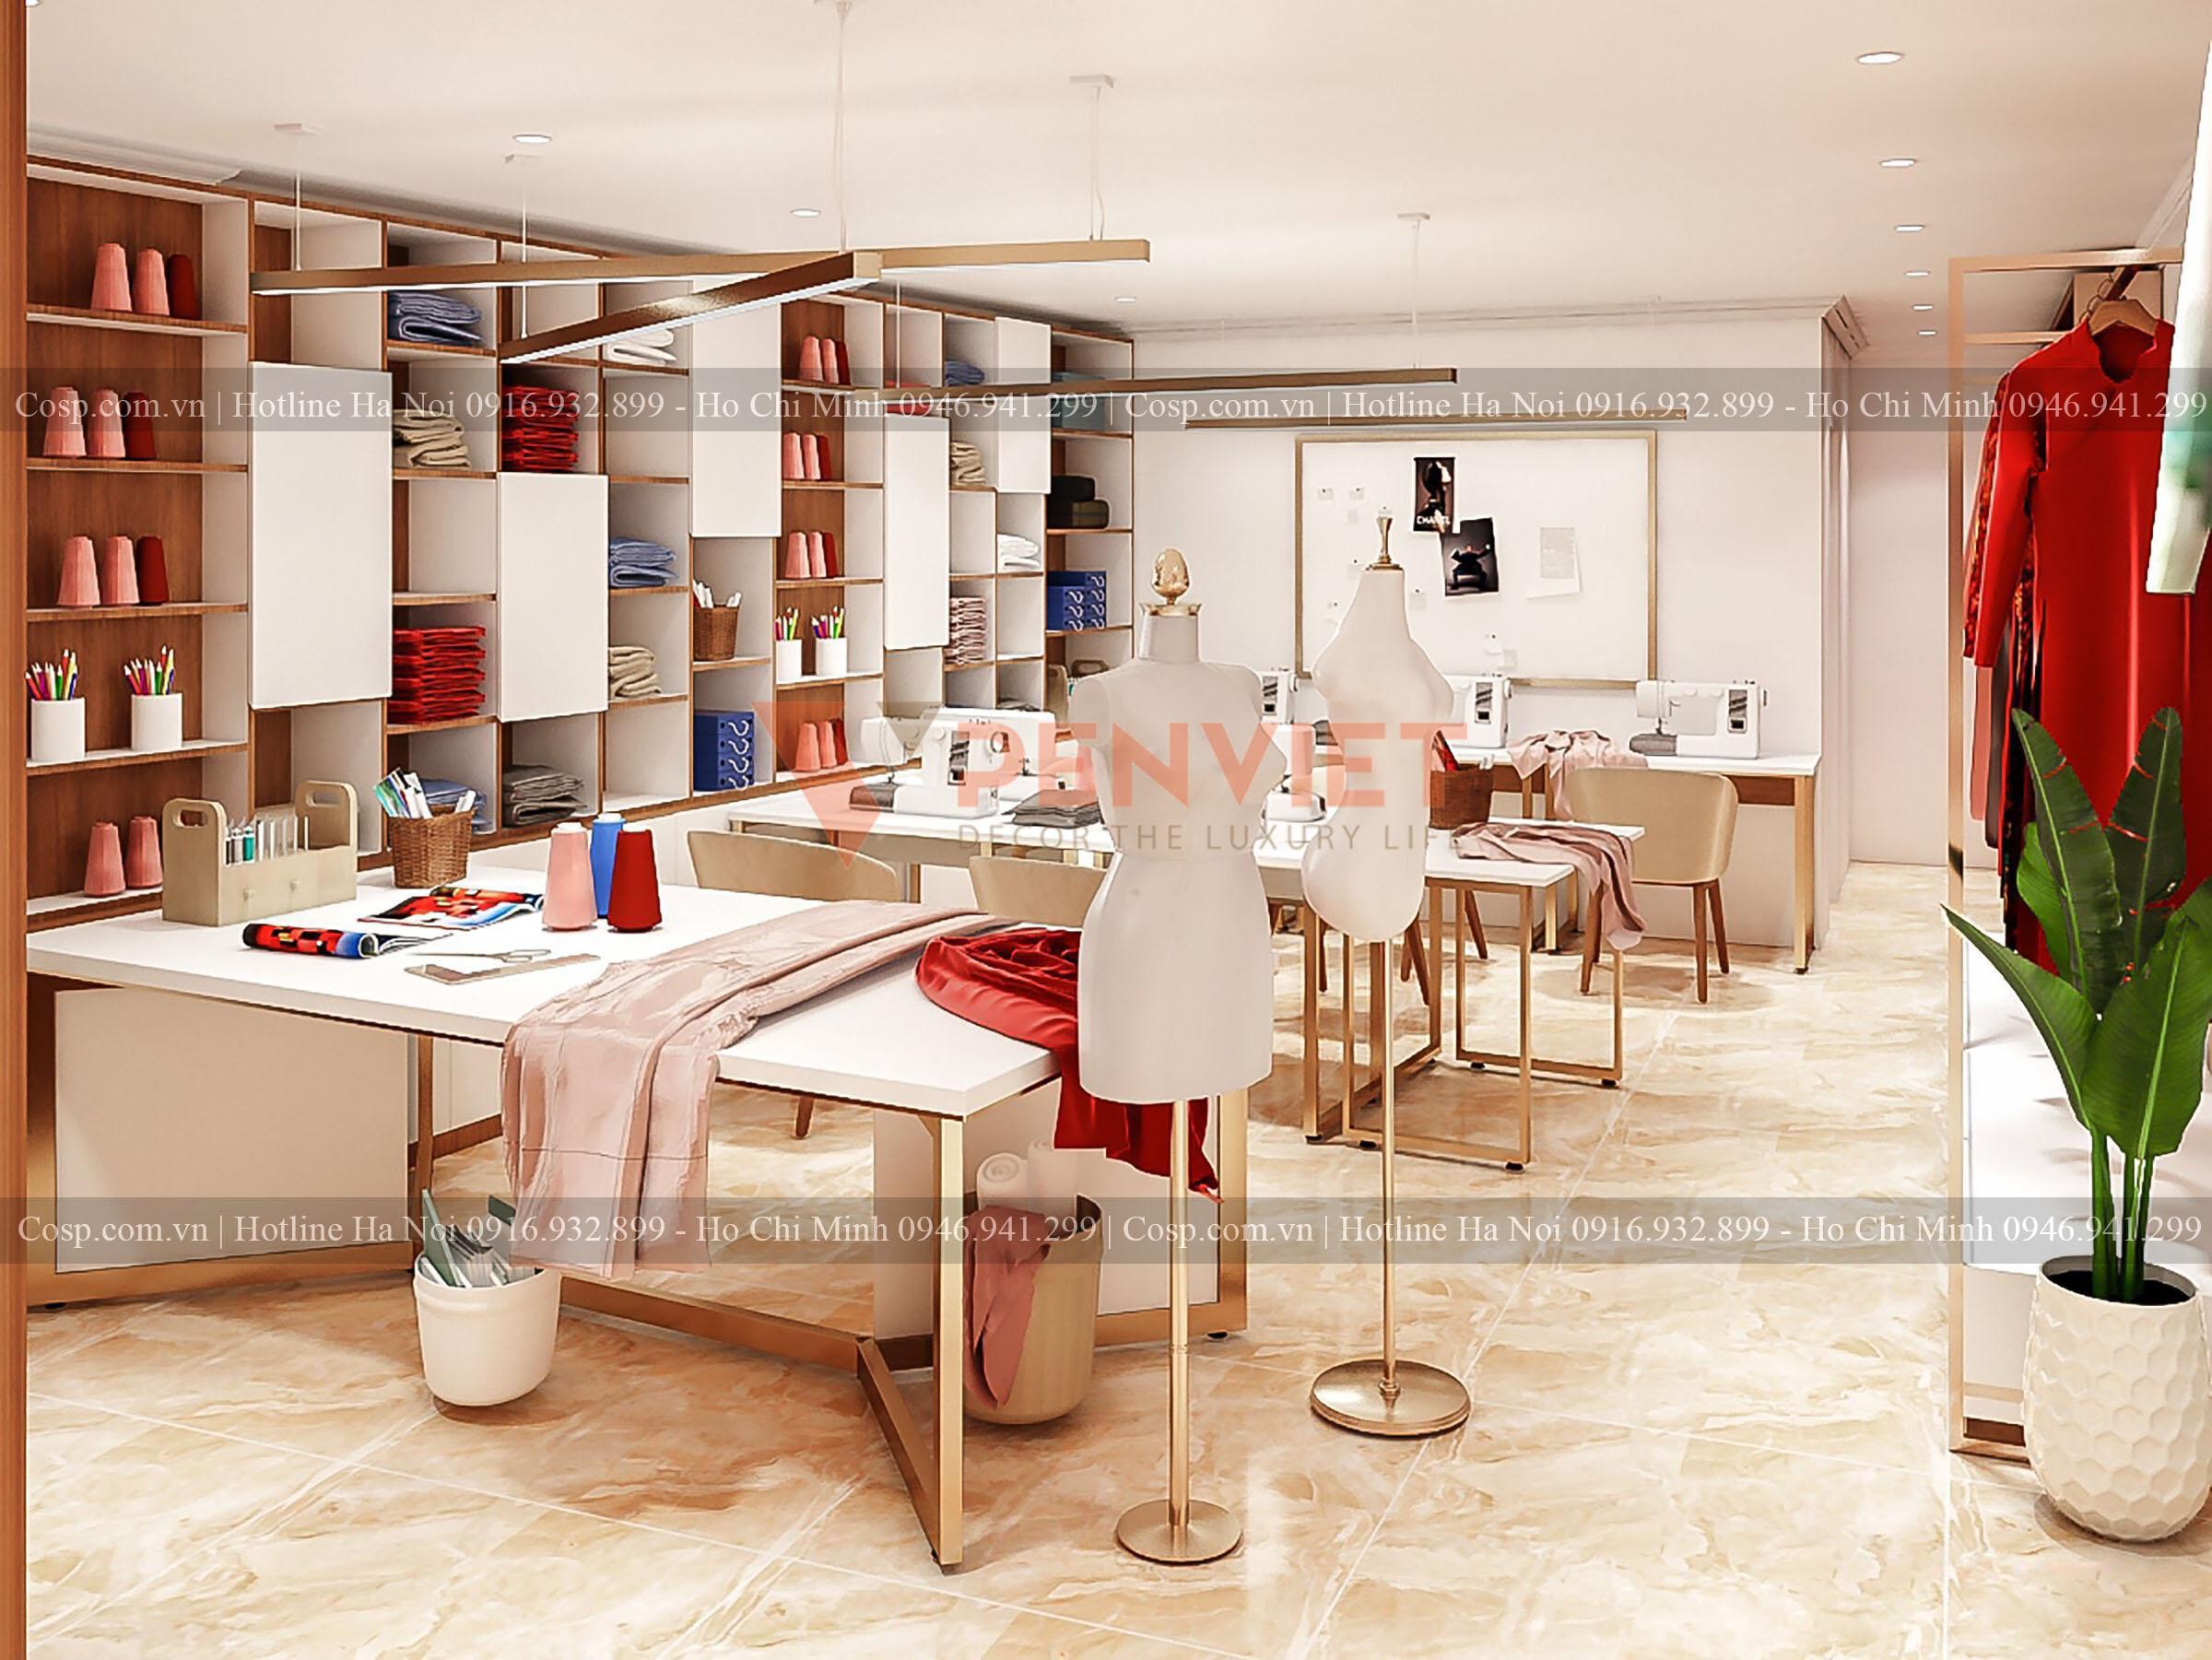 Thiết kế nội thất khu vực dành cho may và thiết kế quần áo ở tầng 2